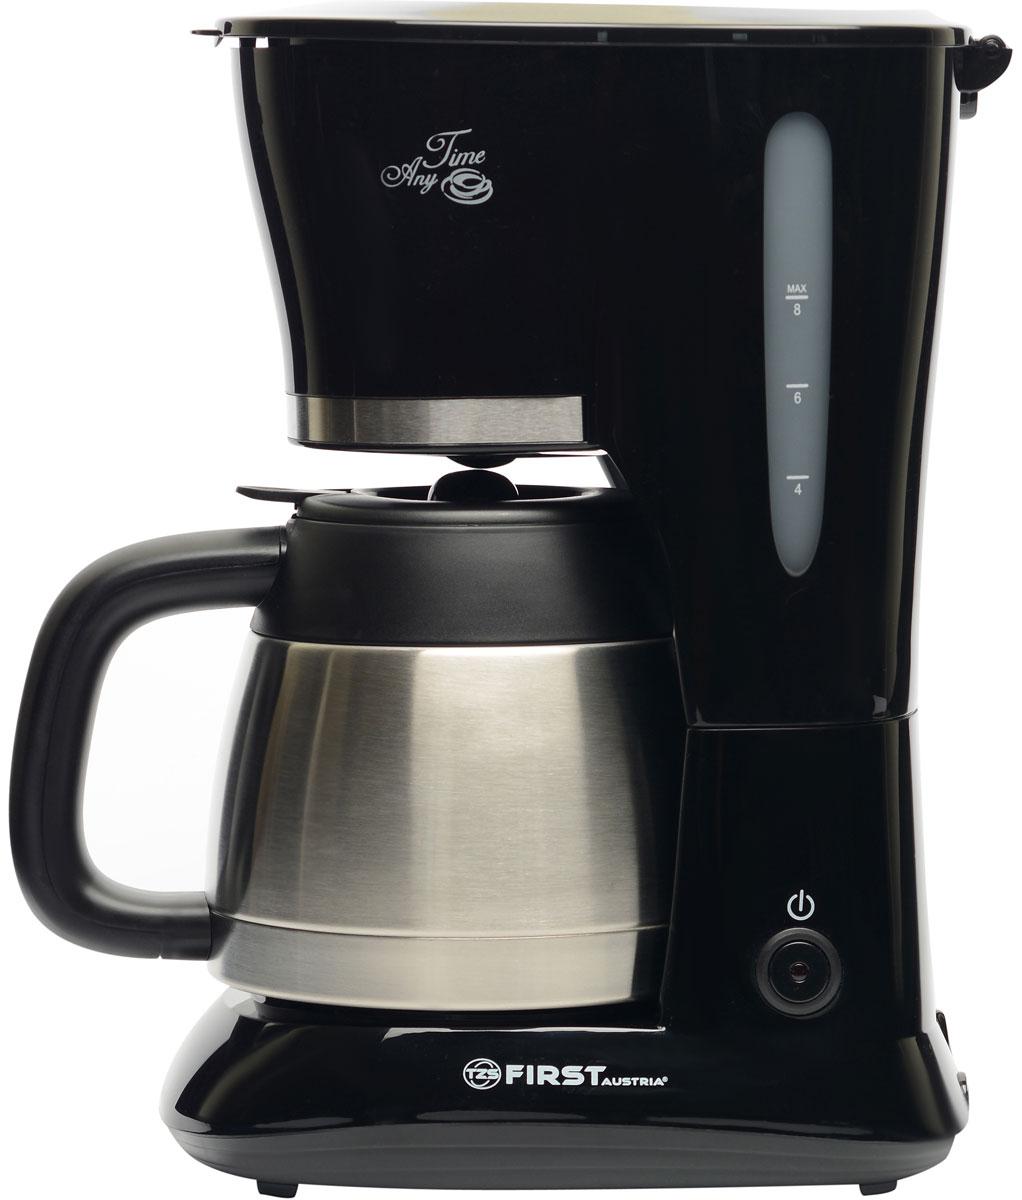 First FA 5459-3 Special Edition, Black кофеваркаFA 5459-3 BlackFirst FA 5459-3 - надежная и недорогая капельная кофеварка с функцией поддержания температуры. Колба-термос имеет двойные стенки из нержавеющей стали. В данной модель используется съемный нейлоновый фильтр. Антикапельная система обеспечит дополнительное удобство в использовании. Емкость кофеварки рассчитана на 10 чашек (около 1 л).